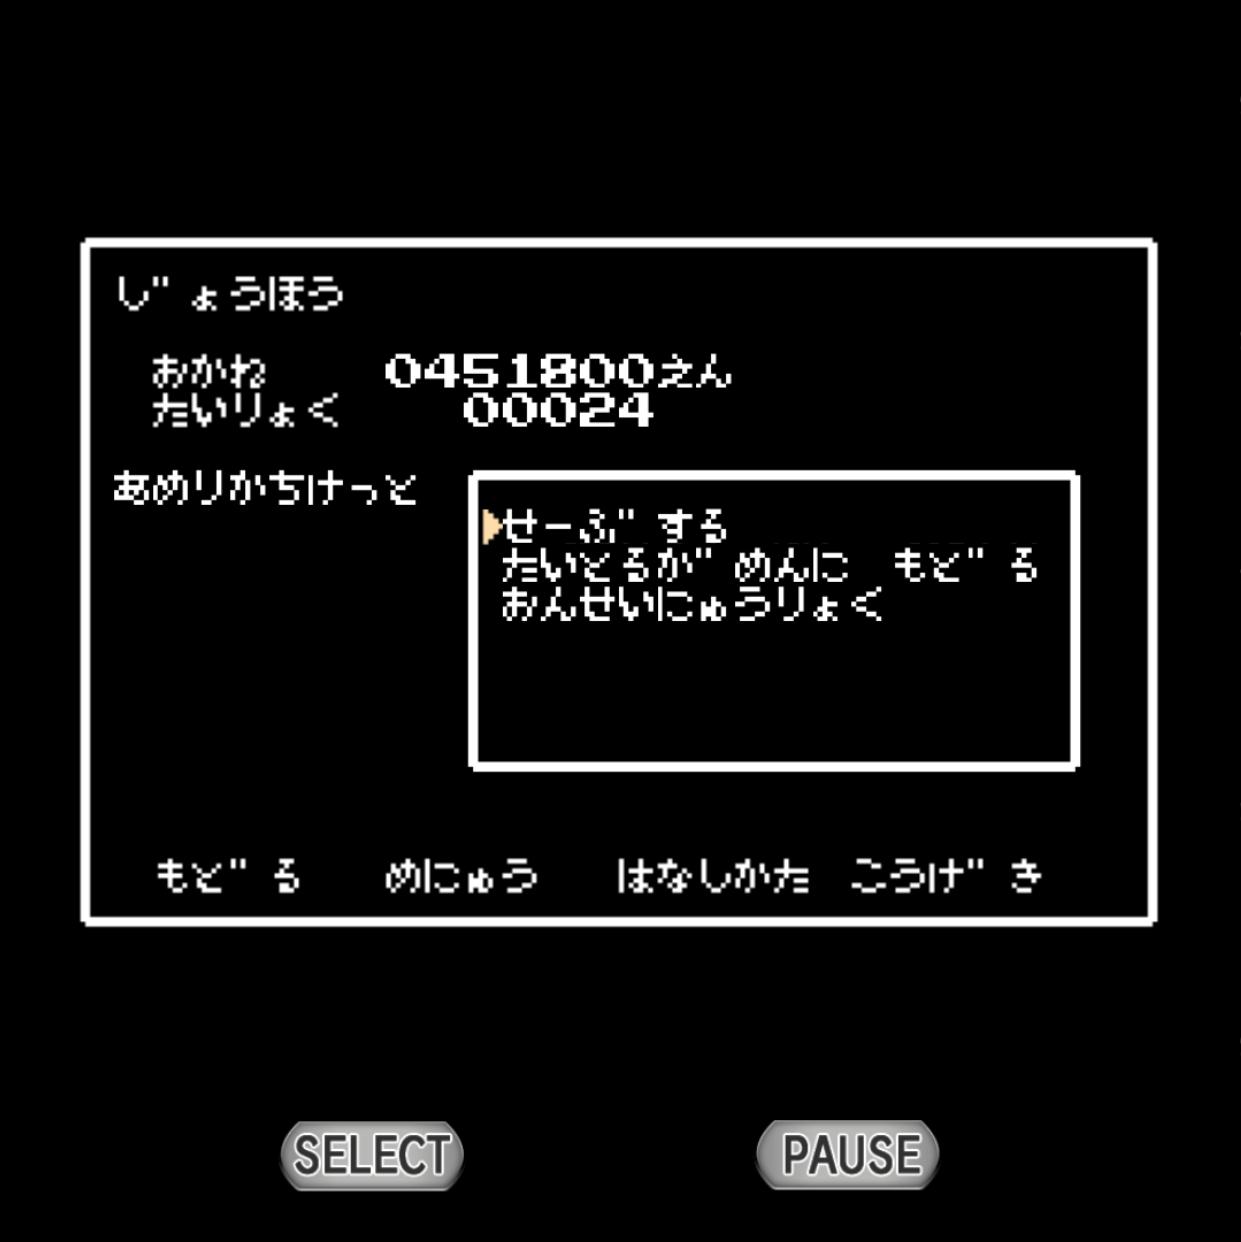 たけしの挑戦状【ゲームレビュー】